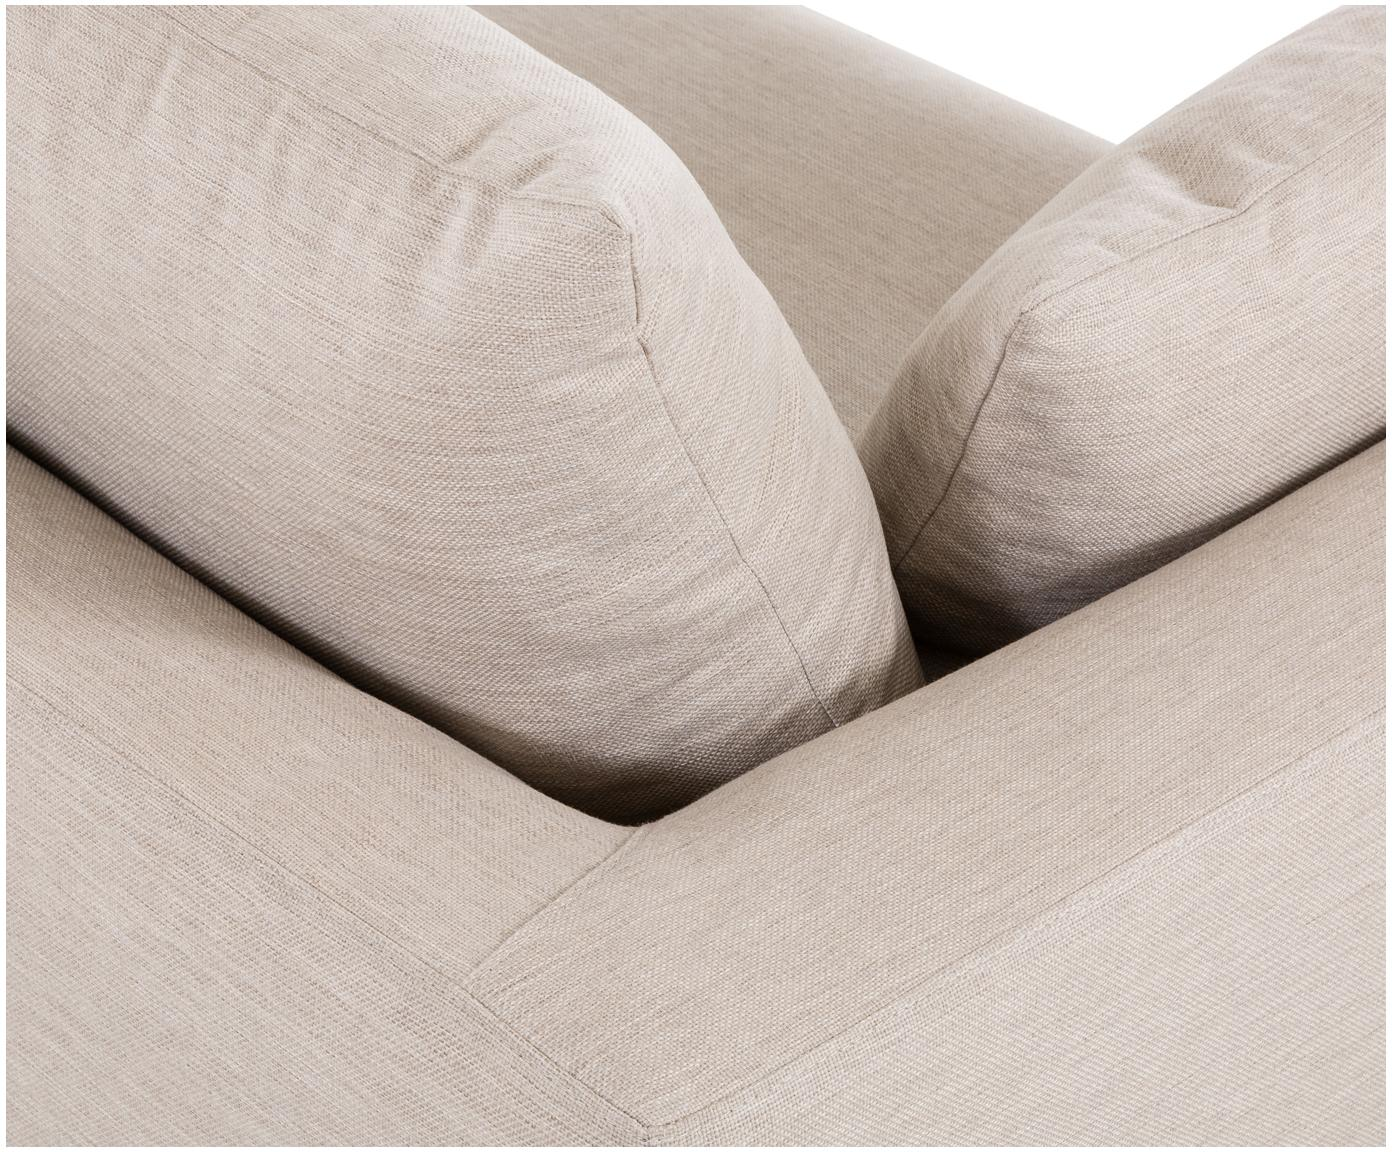 Sofa Zach (2-osobowa), Tapicerka: 100% polipropylen, Beżowy, S 191 x G 90 cm